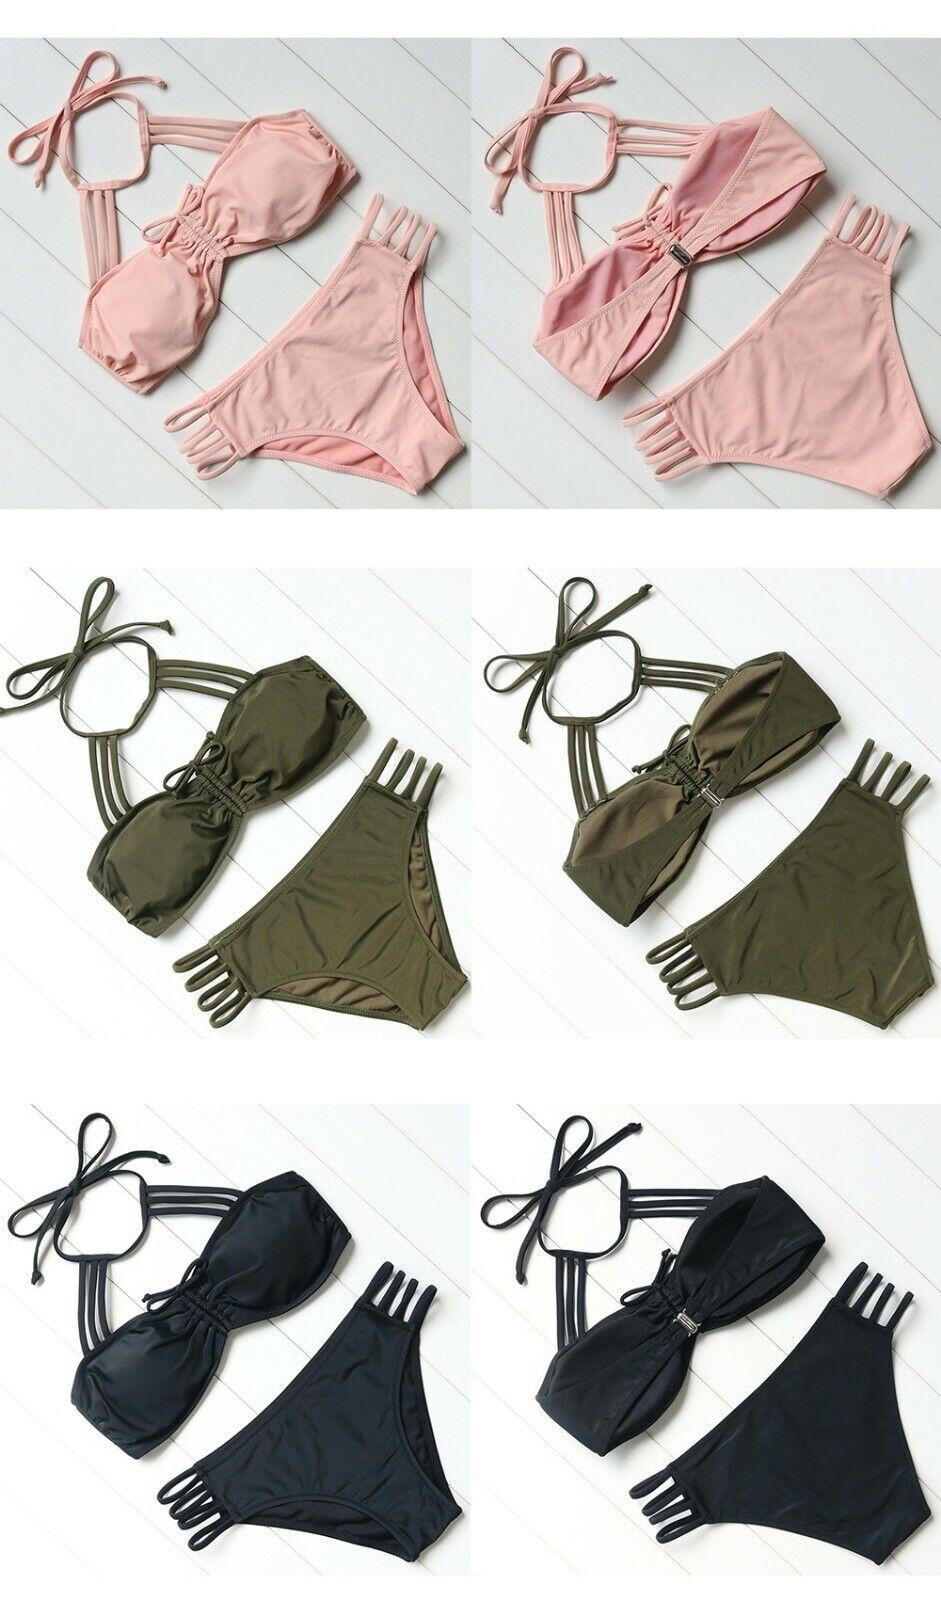 OMKAGI Bikinis Frauen Bademode Frauen Badeanzug Solide Multi-strap Bikini Set